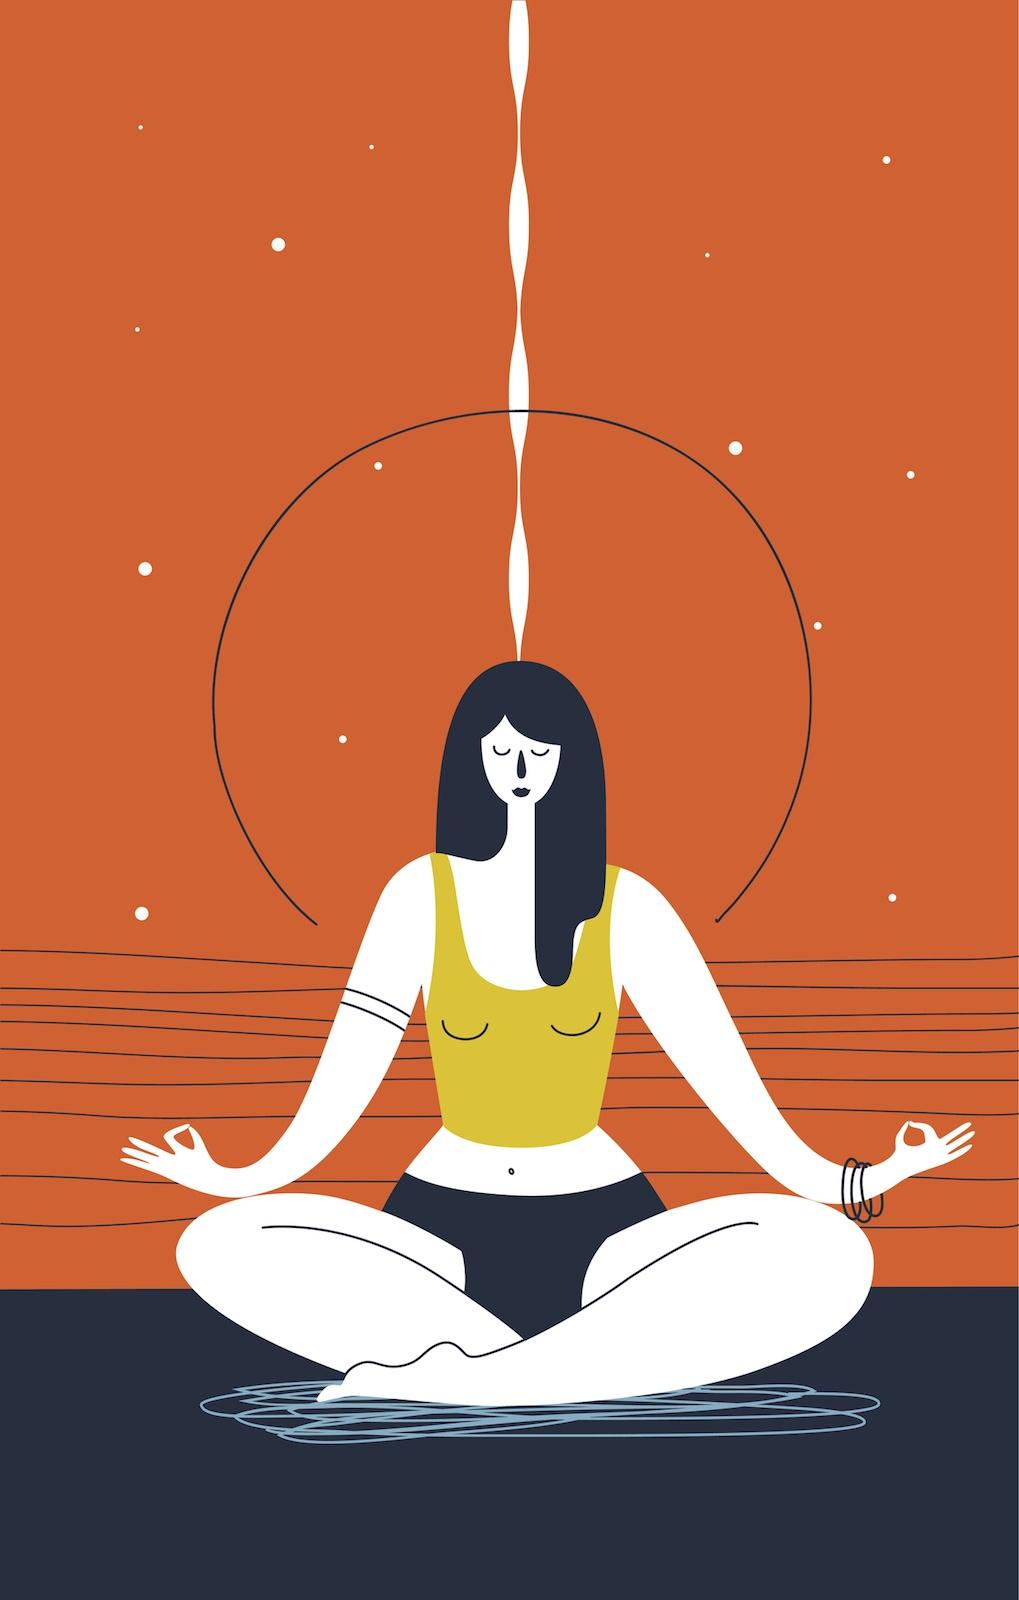 trataka yogic gazing